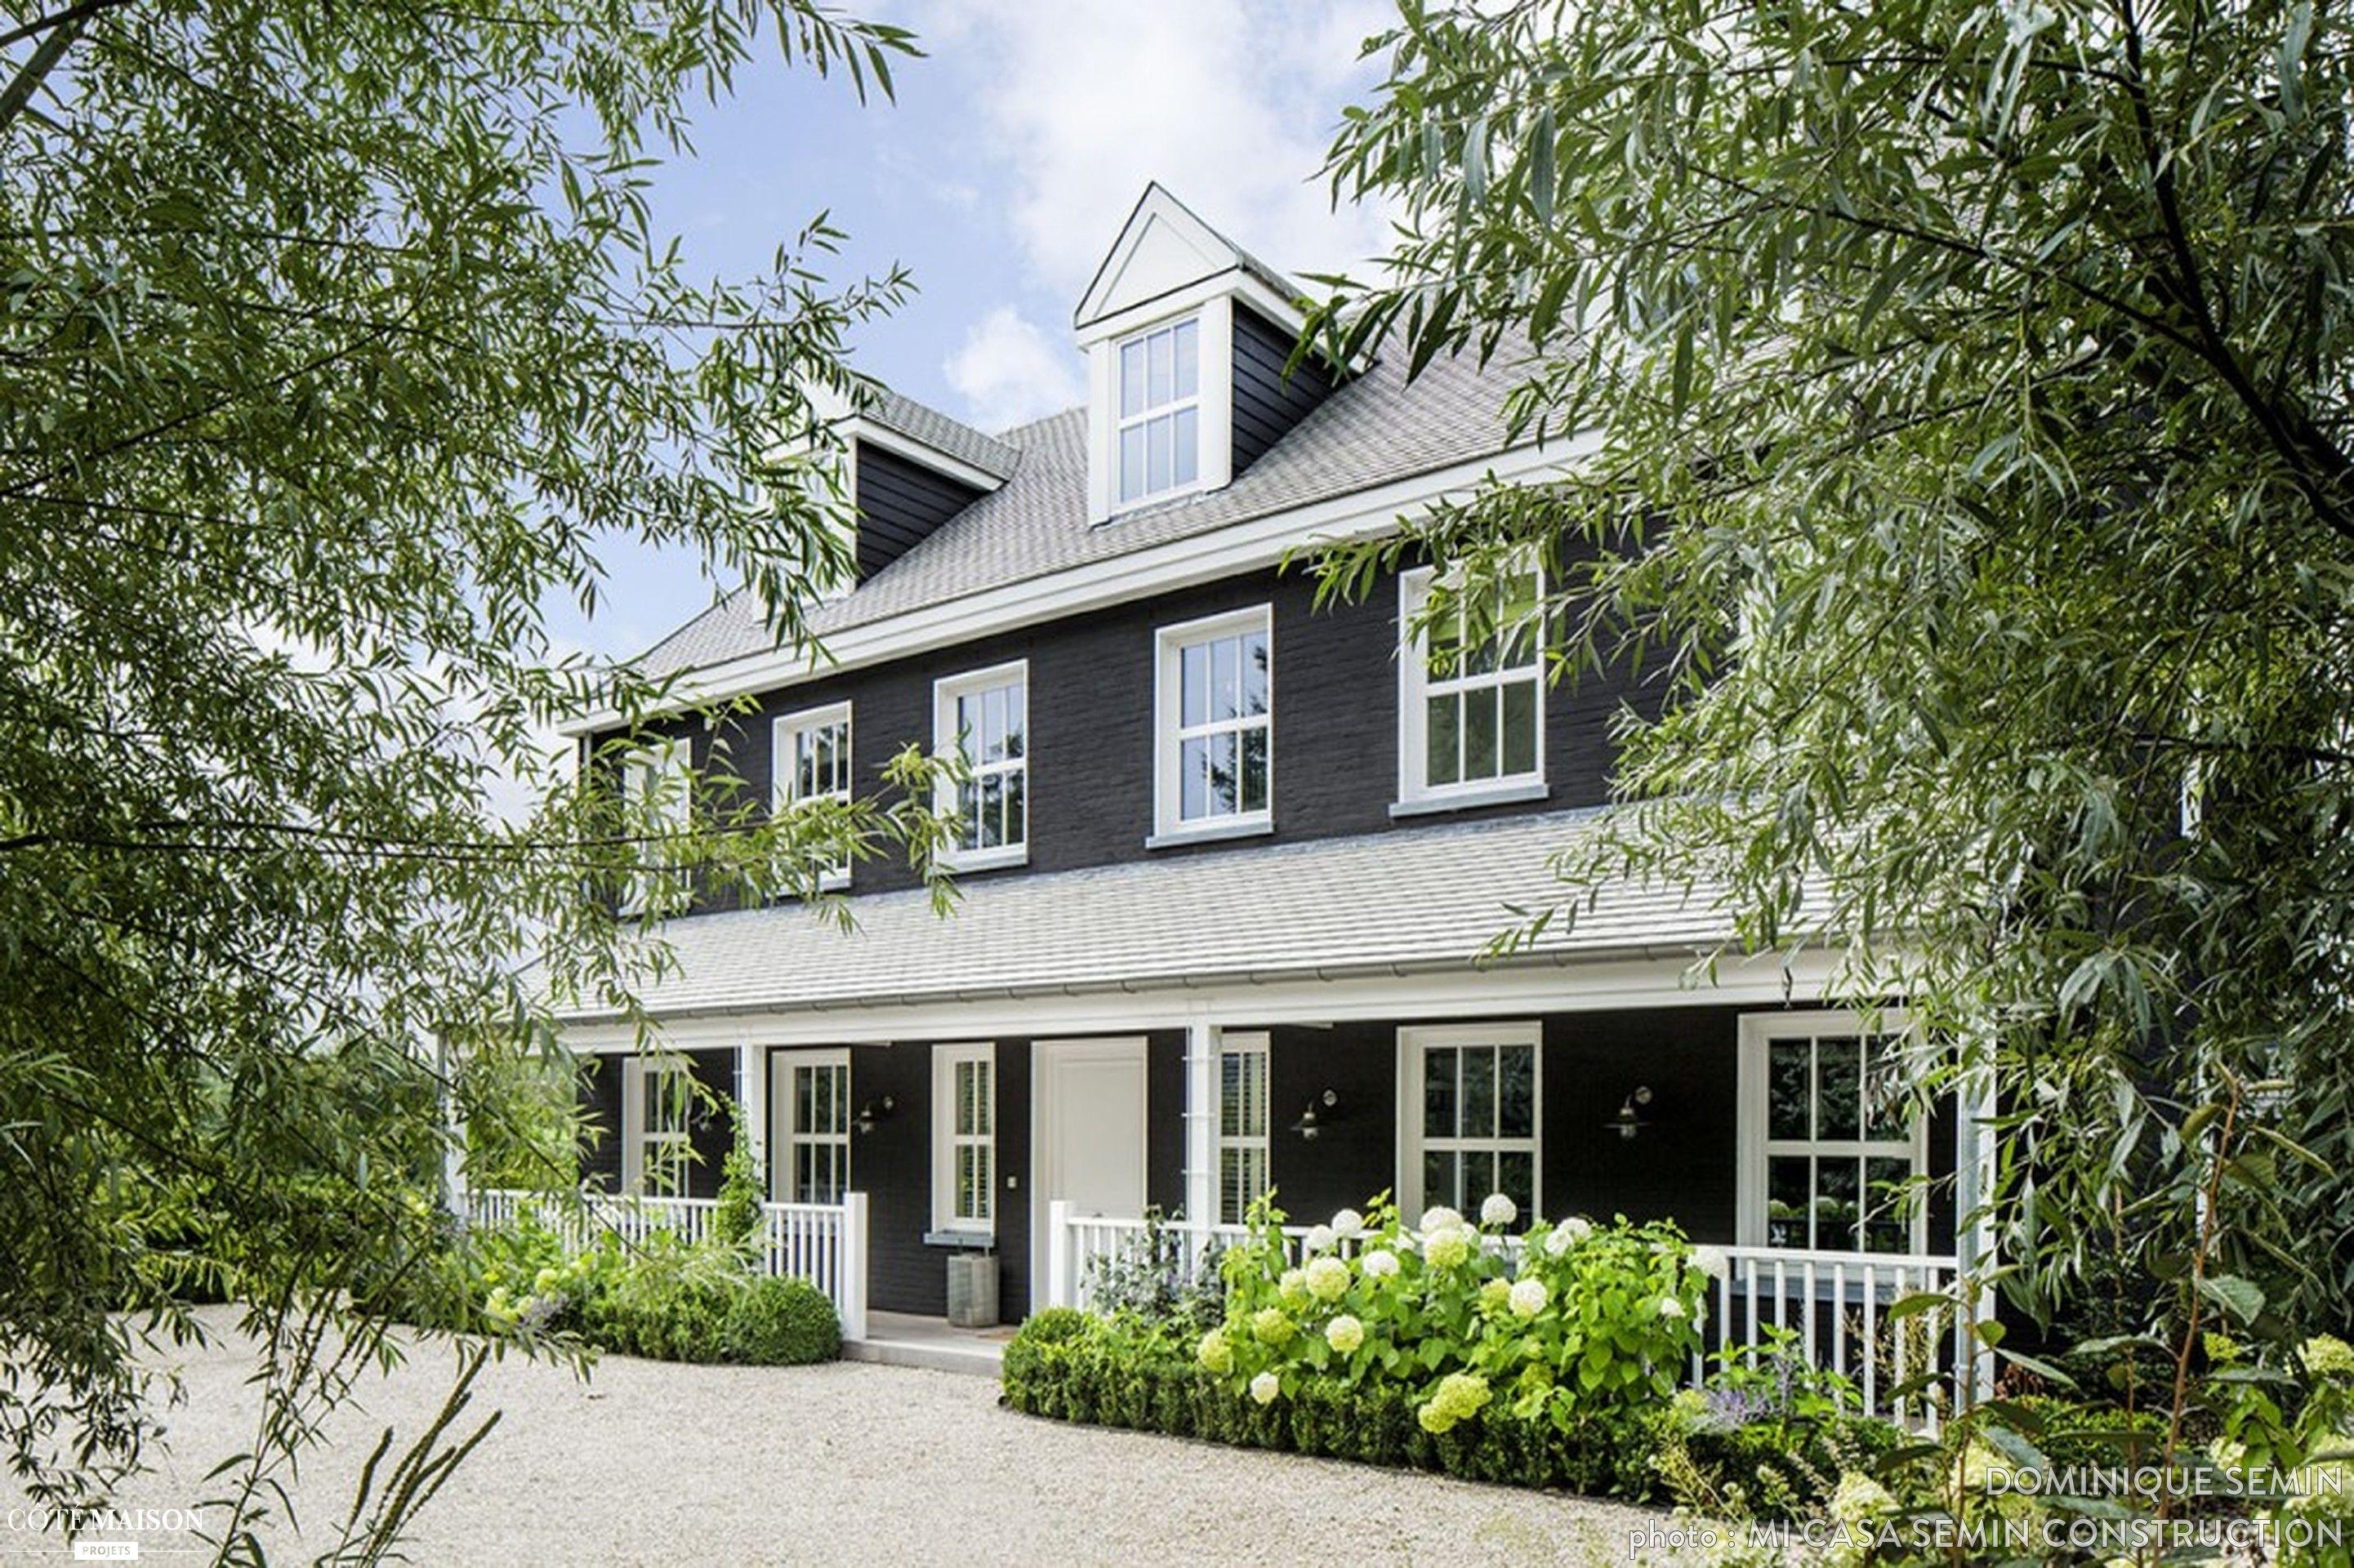 une maison de style nouvelle angleterre maisons d. Black Bedroom Furniture Sets. Home Design Ideas